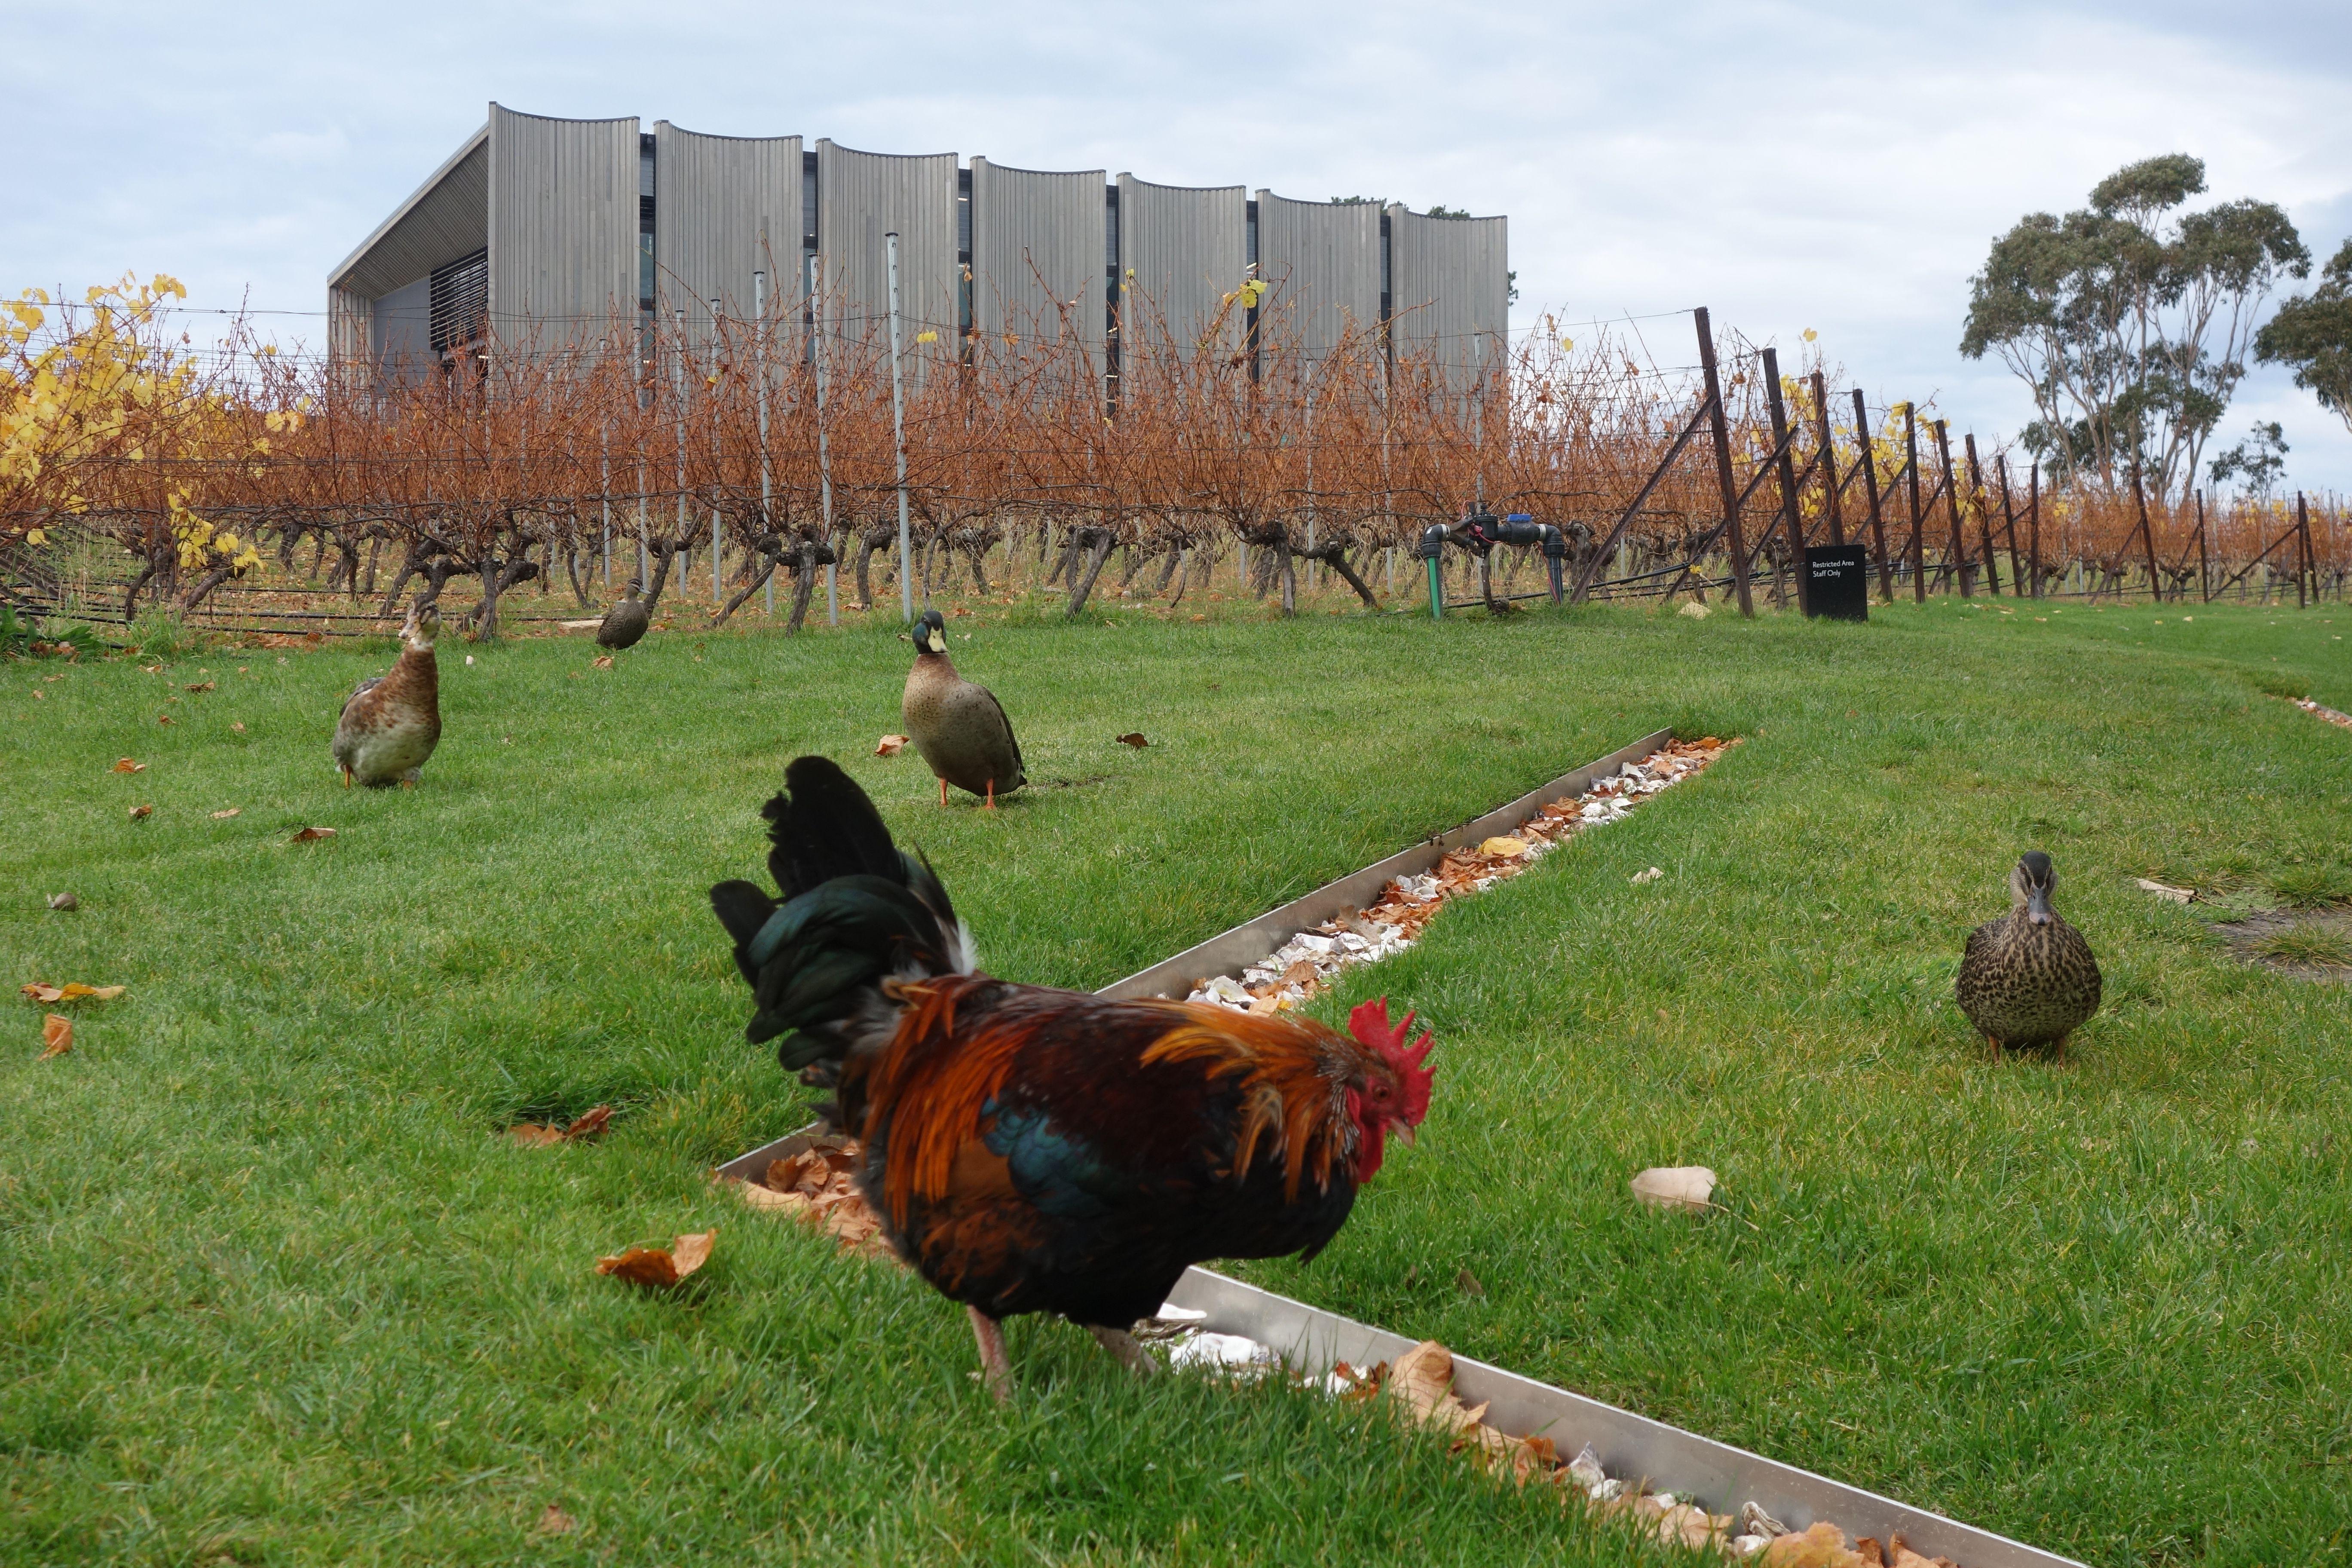 Australie- Tasmanie: Hallucinant, le musée se trouve en plein milieu de la nature avec des vignes mais aussi des poules.